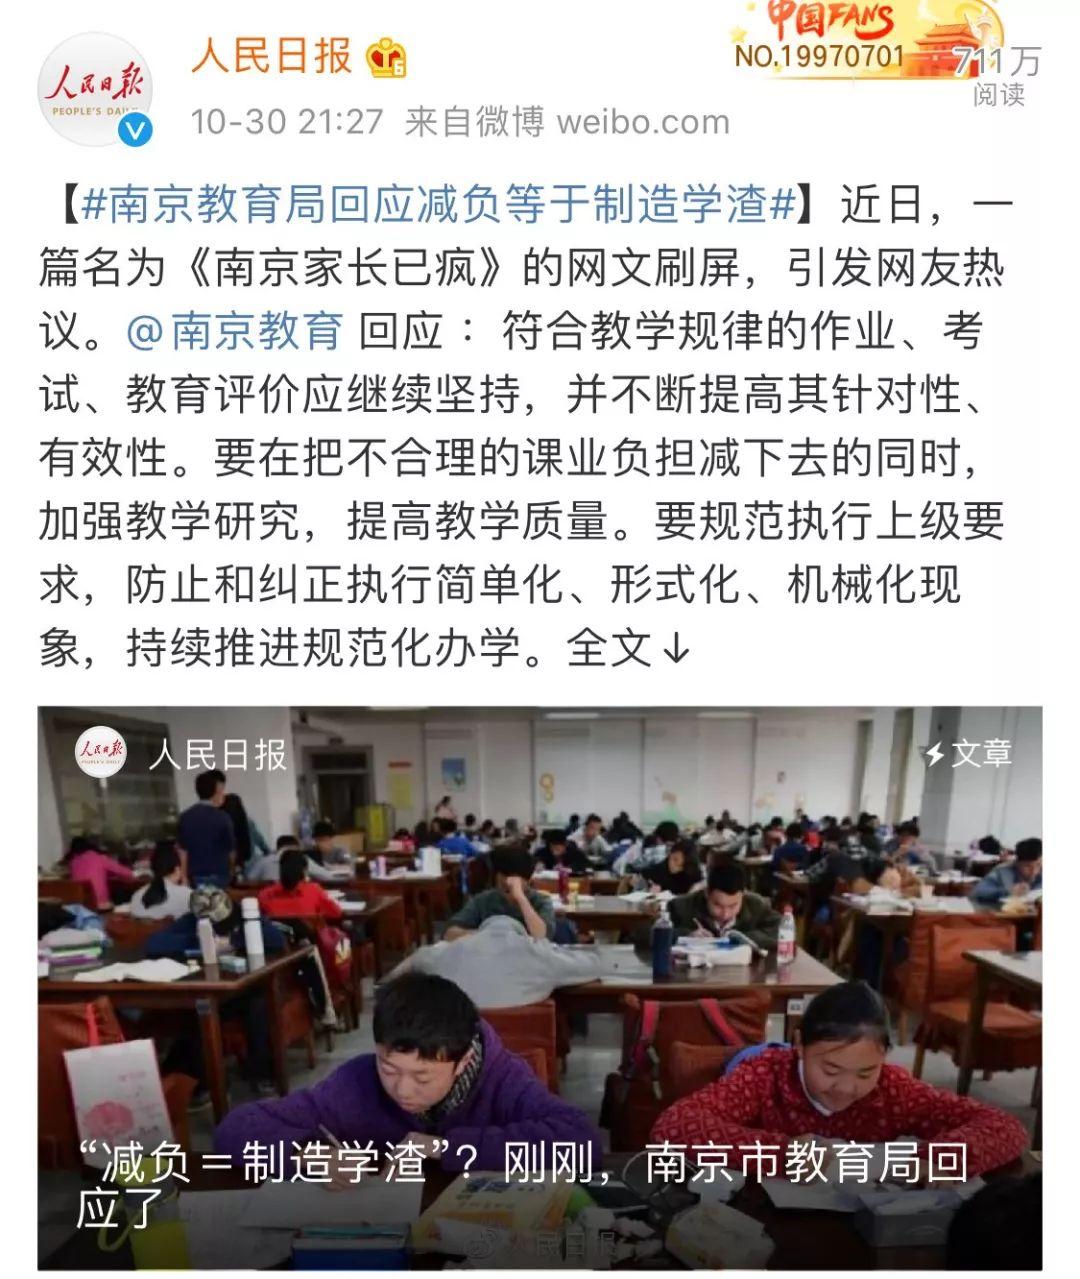 孩子,出路,南京,家长,普通人,命运,录取率,尼德罗,高考,大城市,观点评论,孩子,陈立群,南京,马云,罗斯高